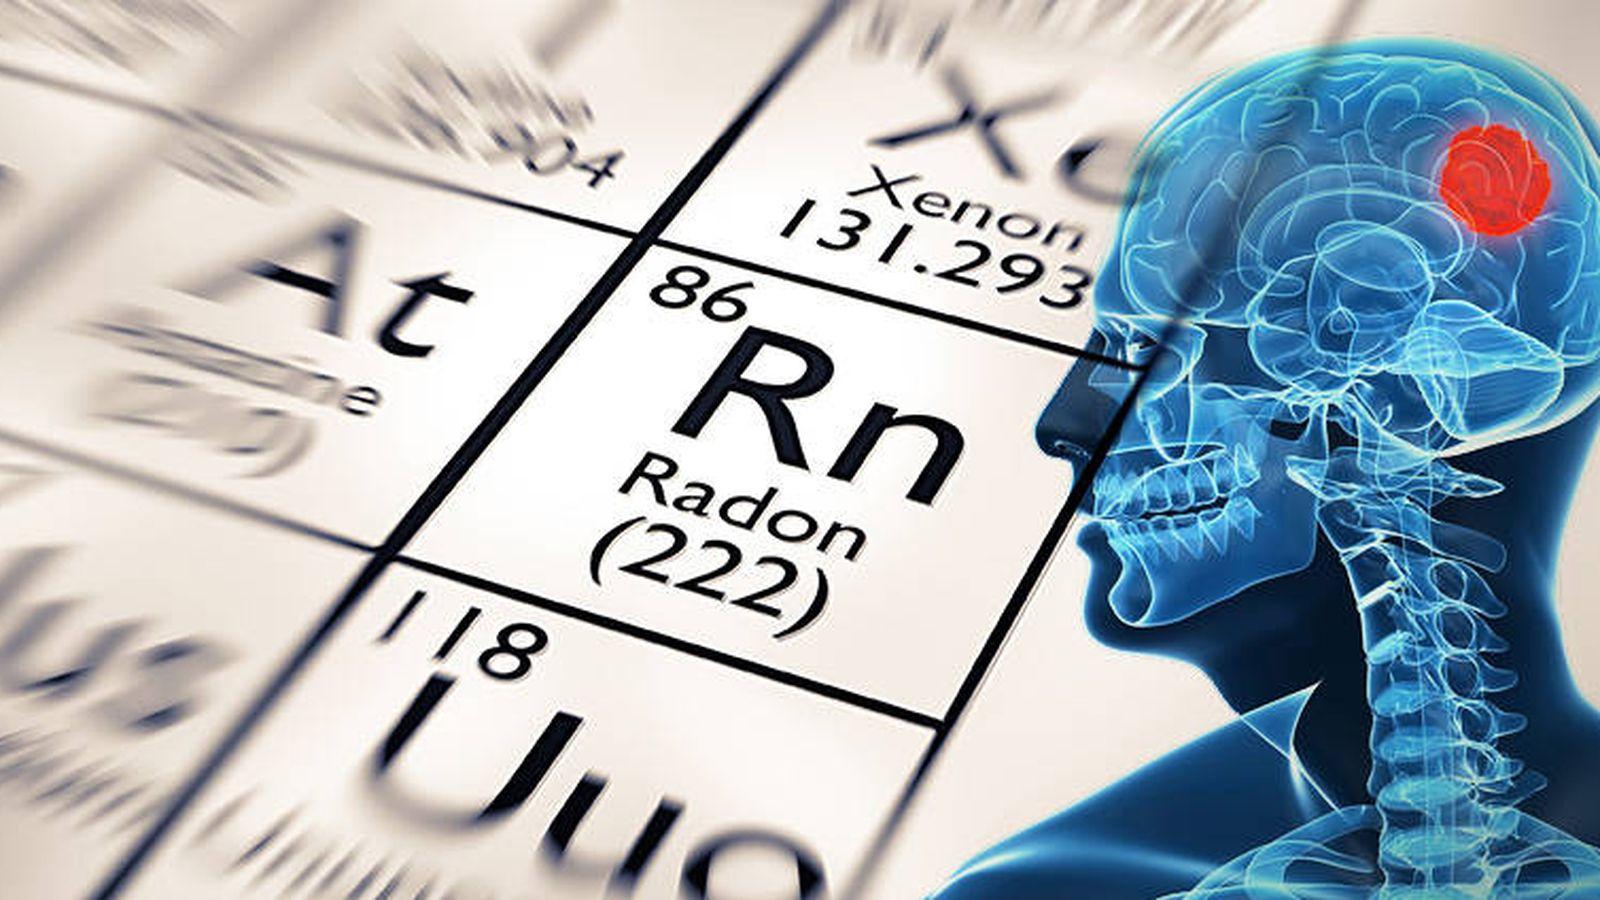 https://www.ecestaticos.com/imagestatic/clipping/033/470/033470bb083fba046bed852363d94aed/radon-los-tumores-cerebrales-se-disparan-en-galicia-y-el-sospechoso-esta-bajo-tierra.jpg?mtime=1498082763